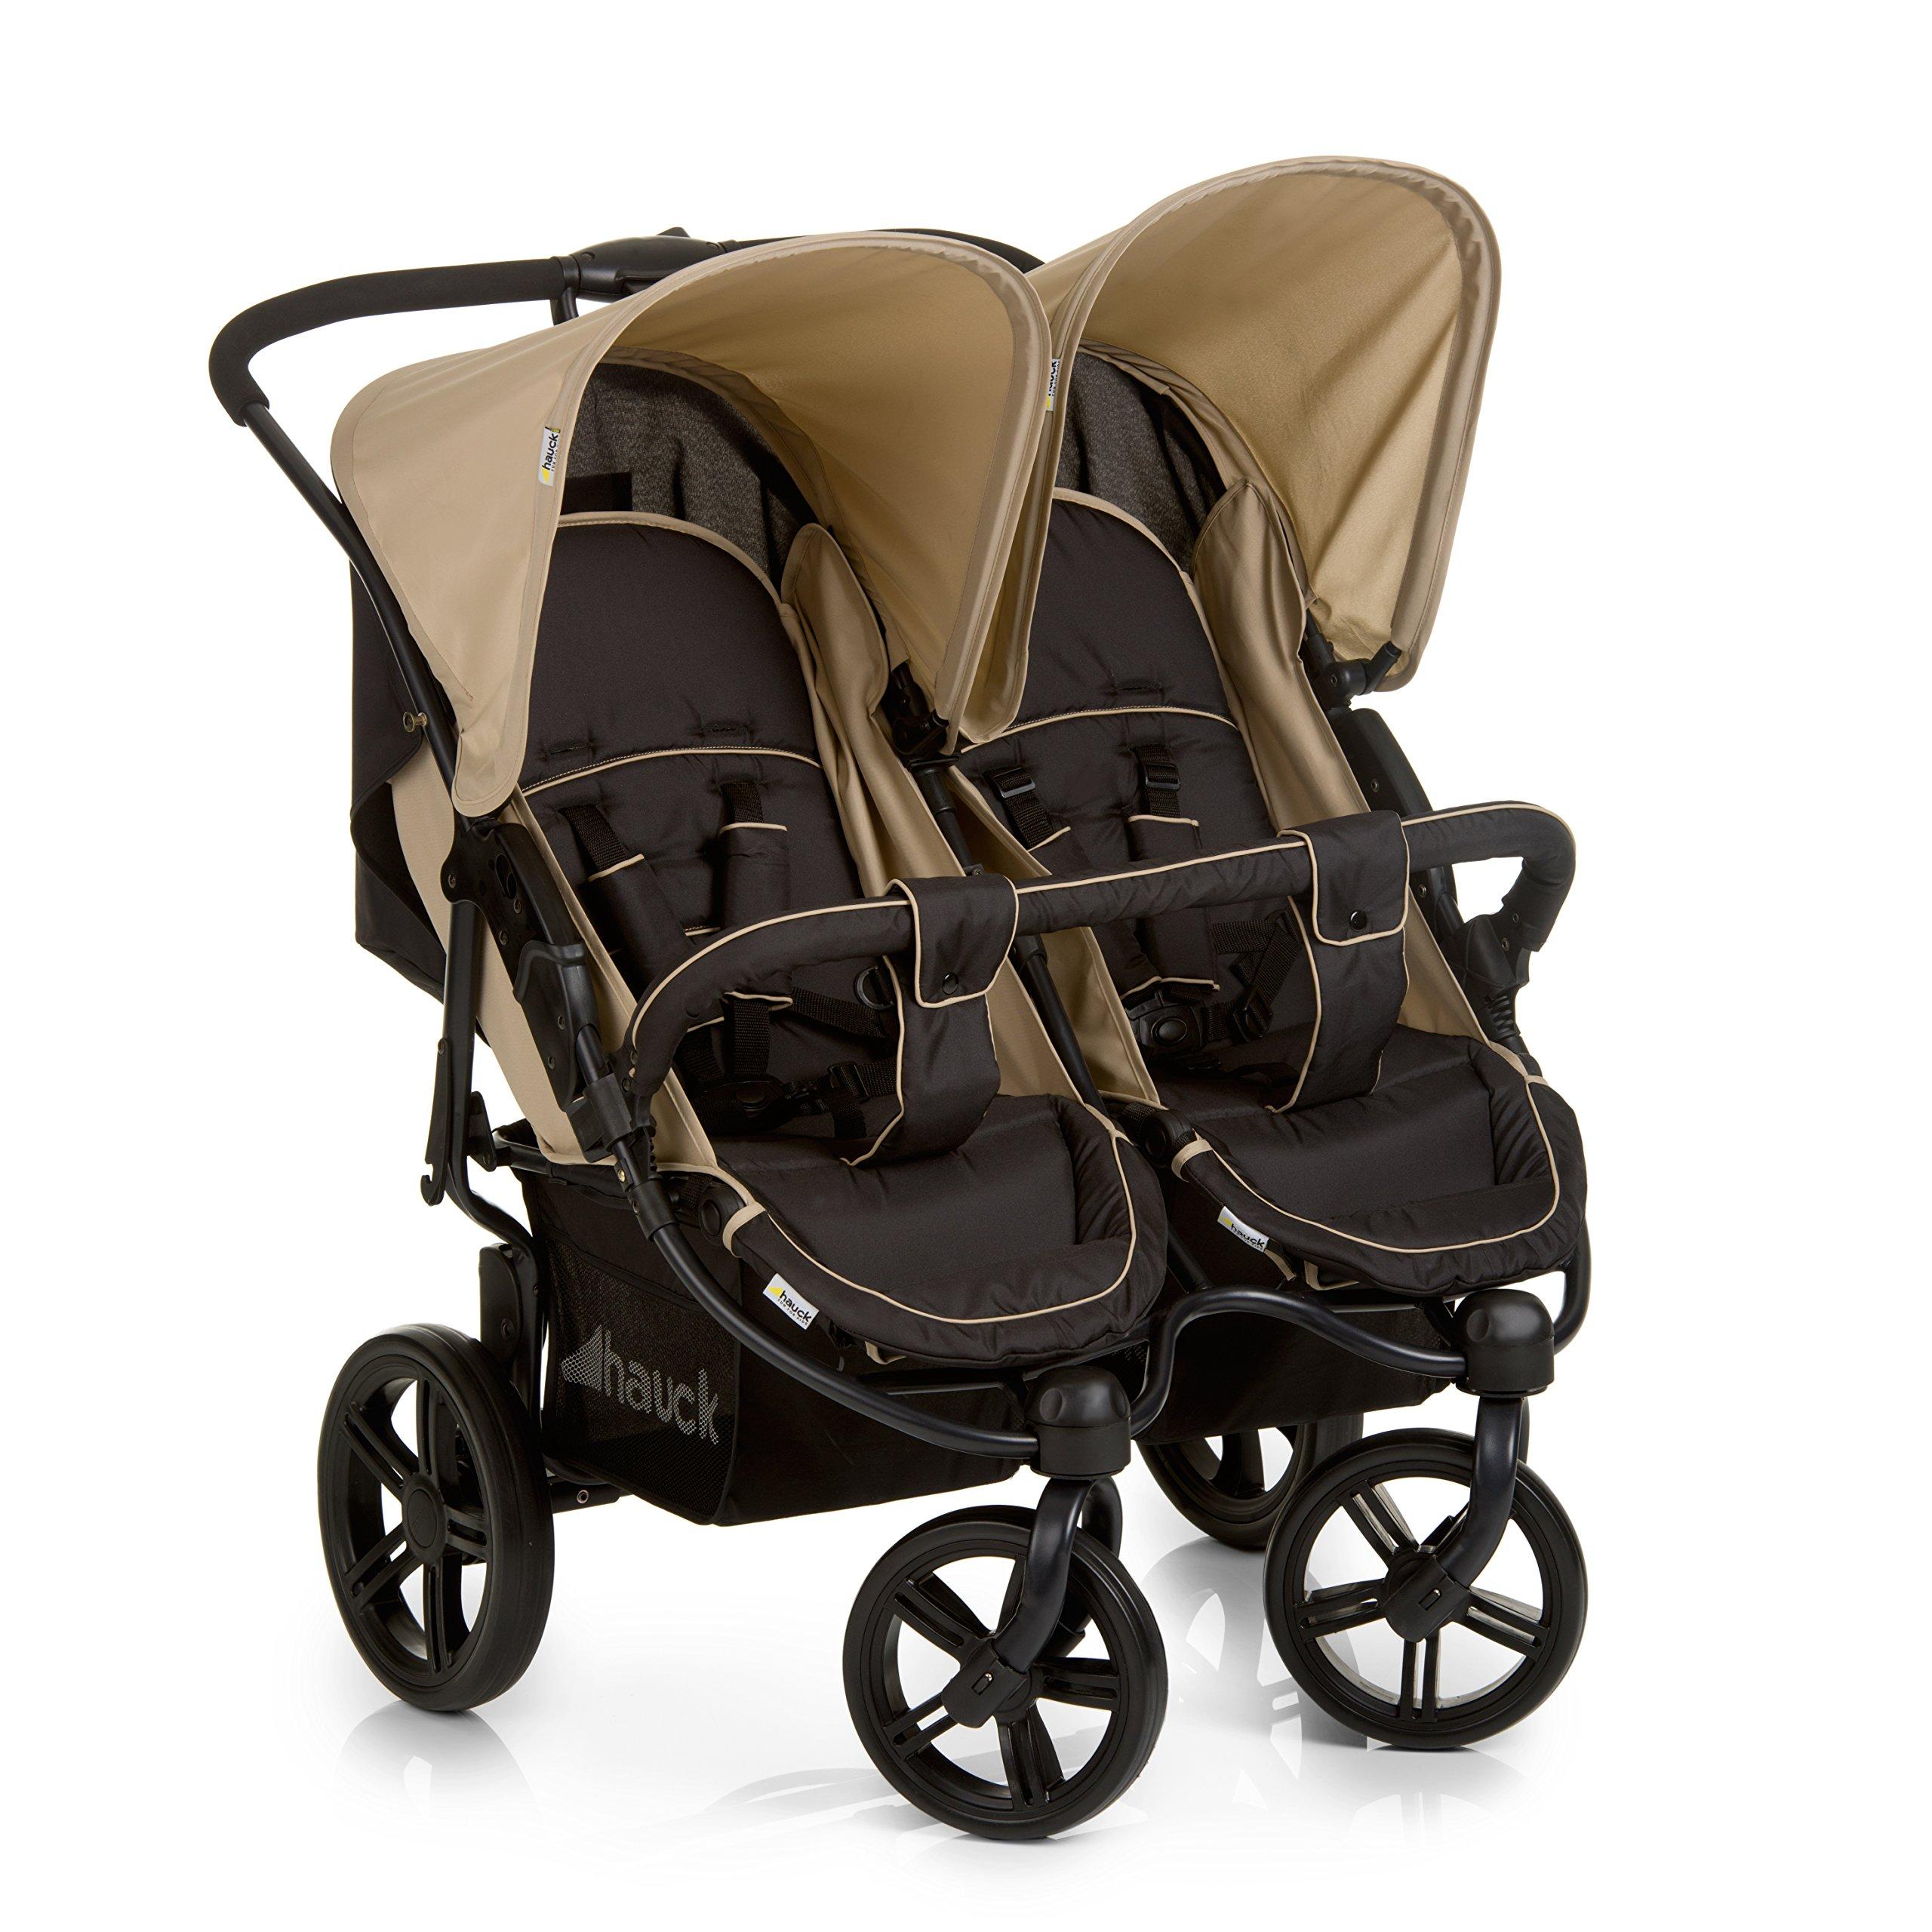 Hauck Roadster Duo SLX Geschwister – / Zwillings – kinderwagen, für Babys und Kleinkinder, nebeneinander, ab Geburt nutzbar (mit Tragetasche), schmal, schnell faltbar, beige/schwarz